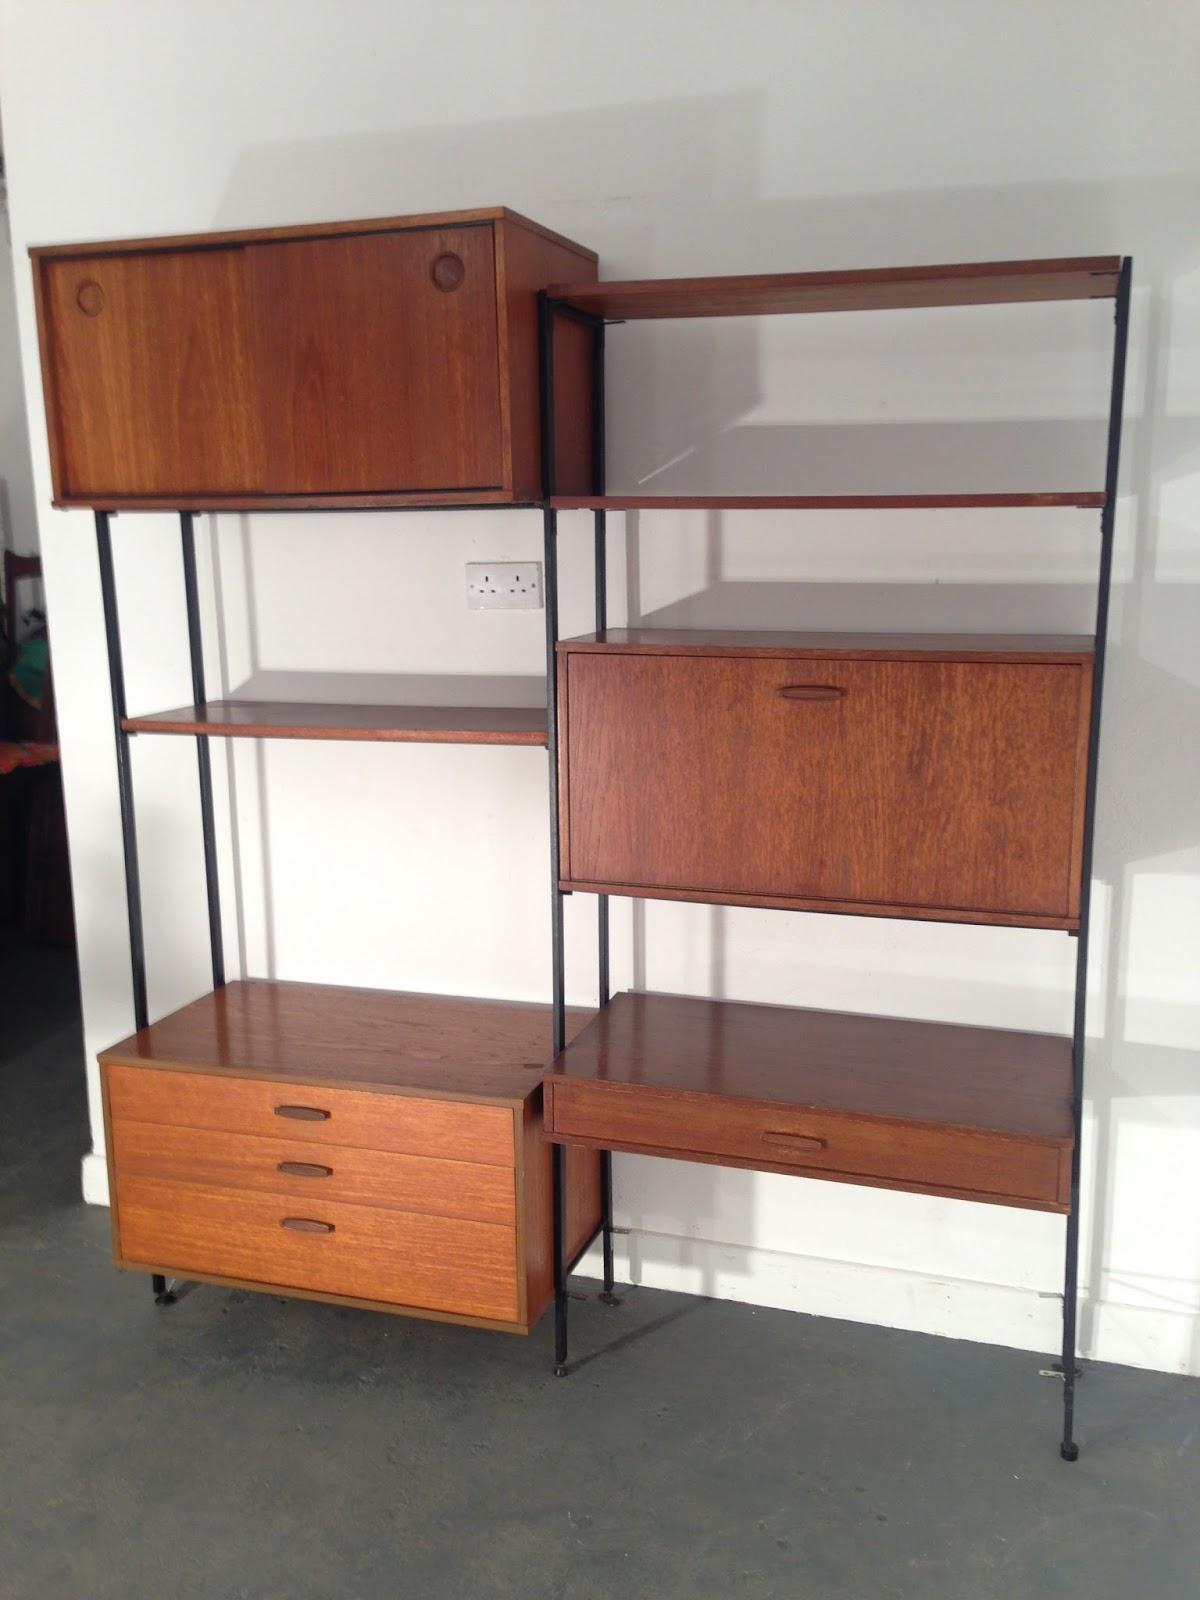 Ocd vintage furniture ireland vintage avalon shelving unit for Original design furniture